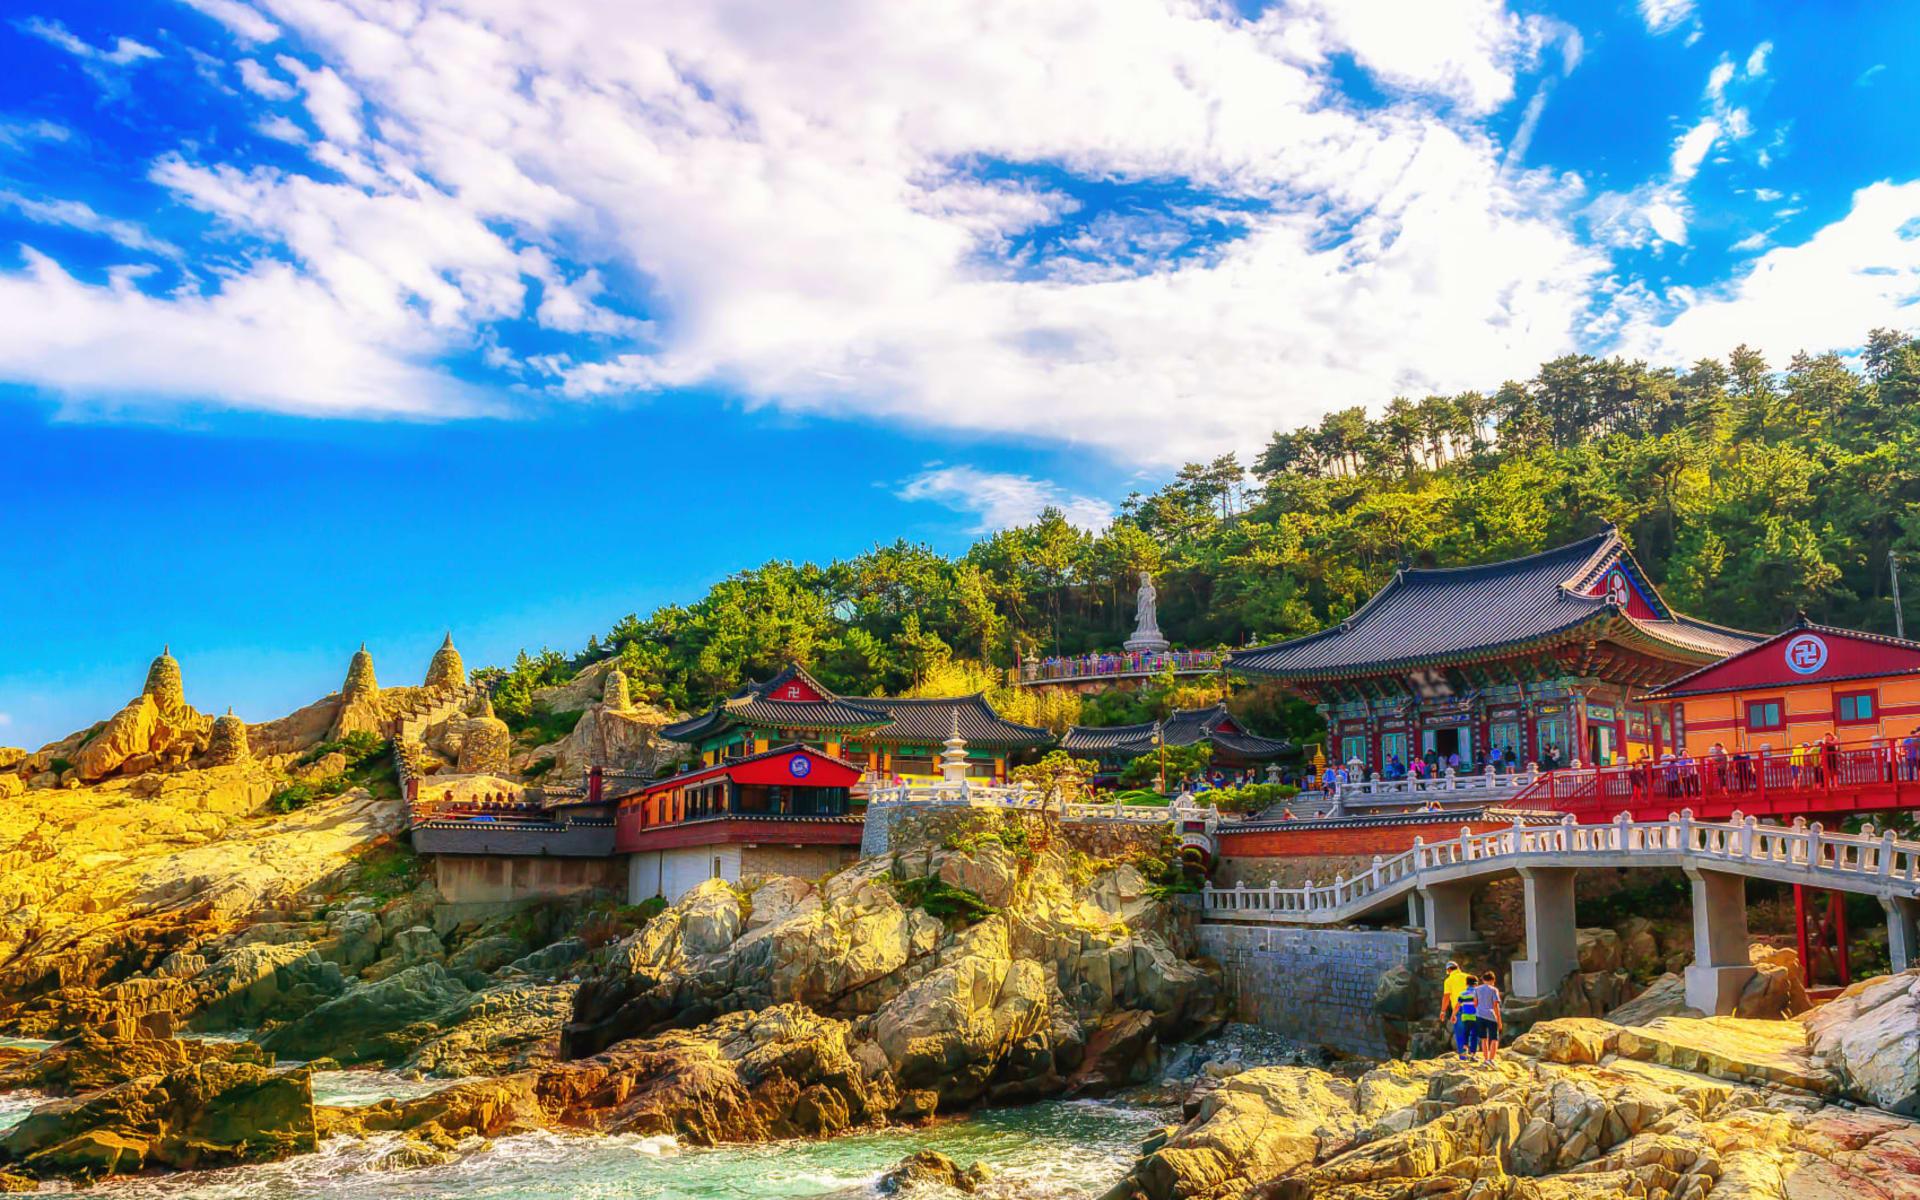 Südkorea Kompakt ab Seoul: Haedong Yonggungsa Temple and Haeundae Sea in Busan